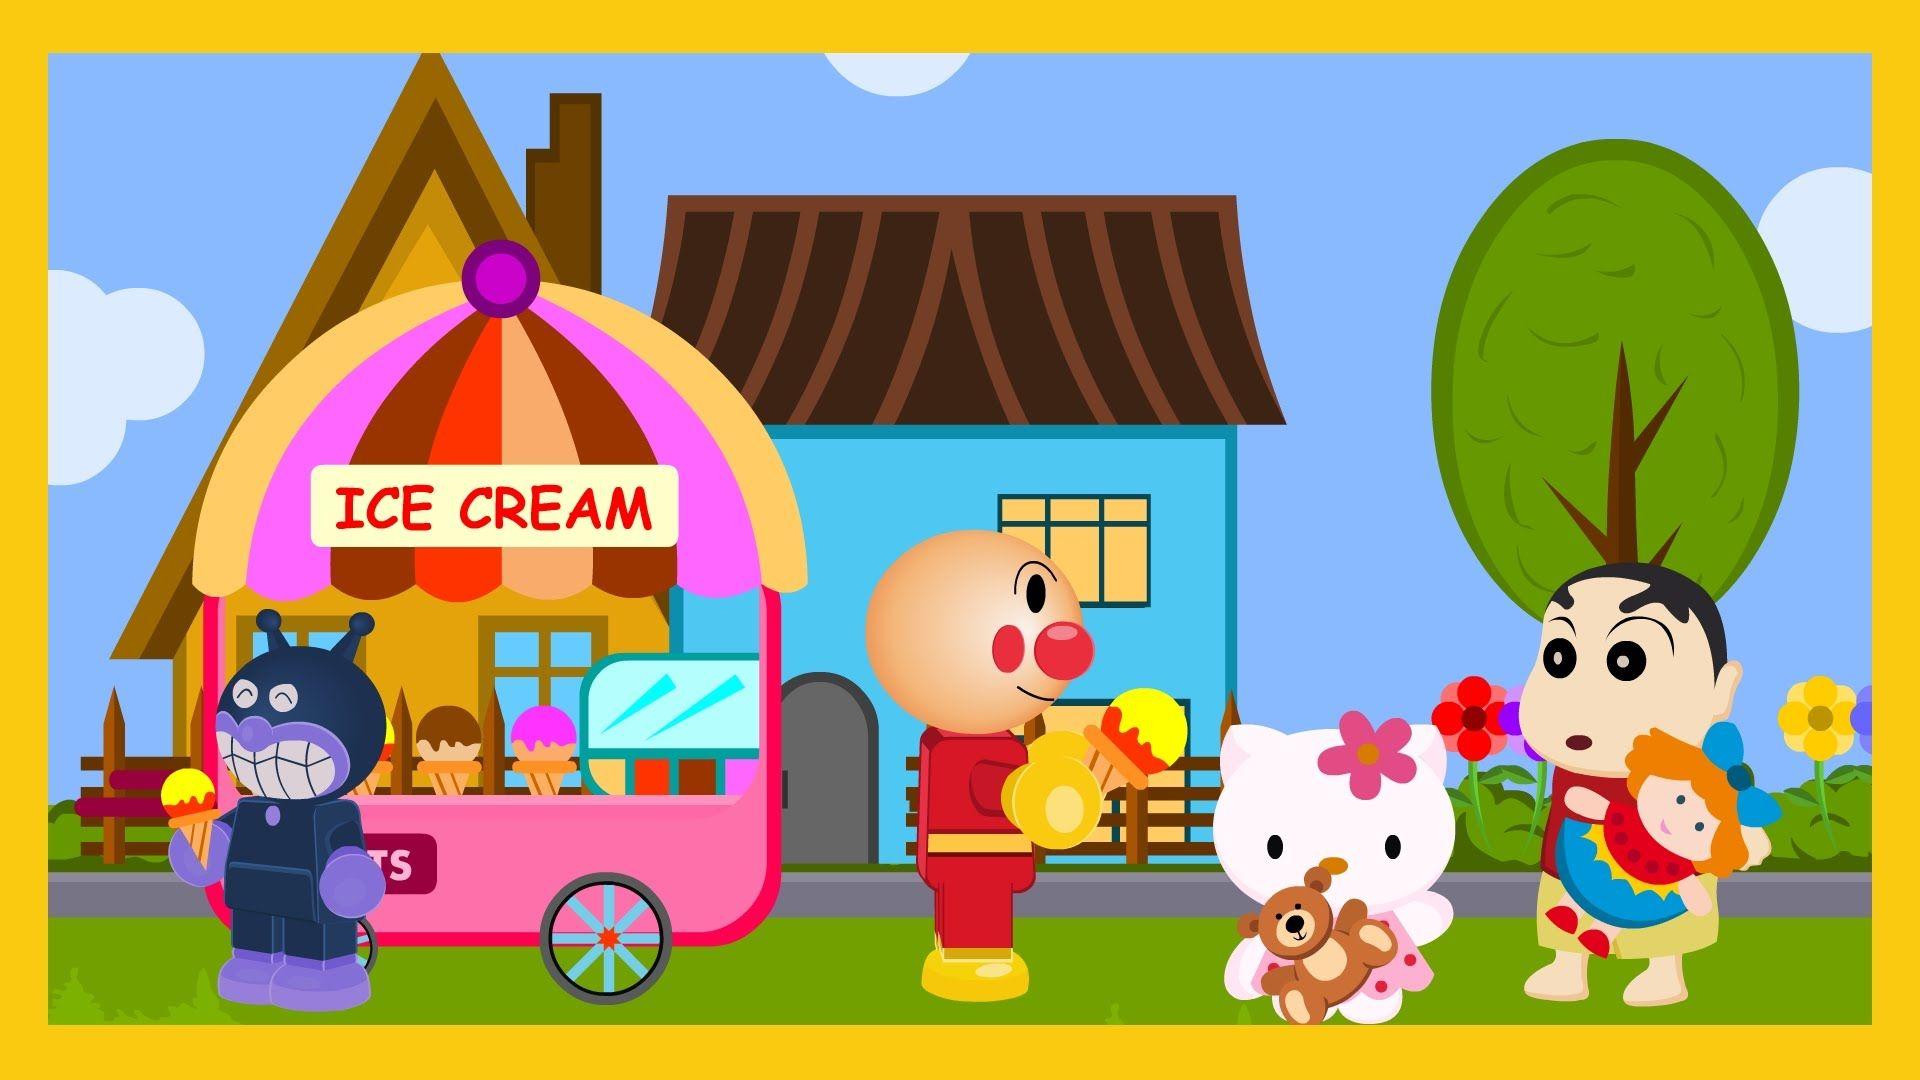 Anpanman Toys Anime Episode 21 Anpanman Ice cream shop